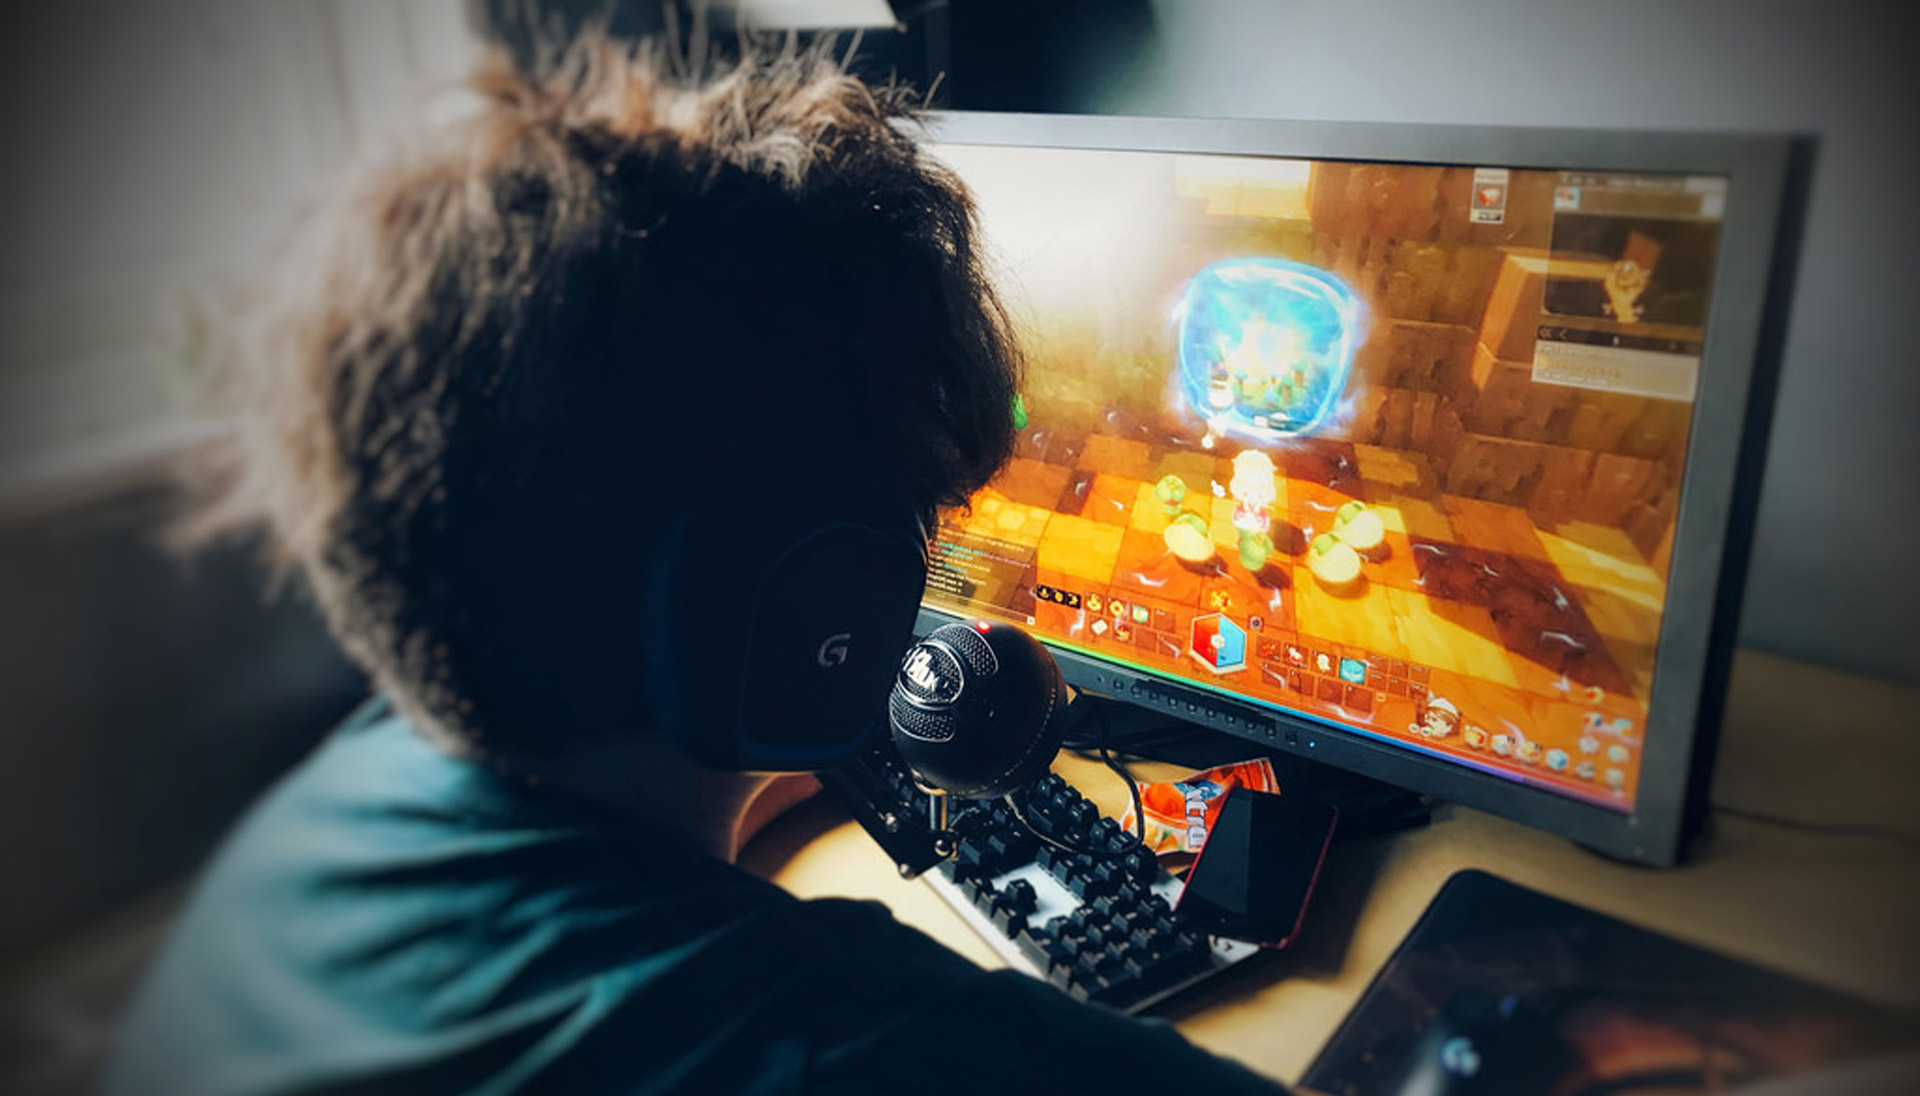 I giochi di ruolo online. Psicologia dell'adolescenza